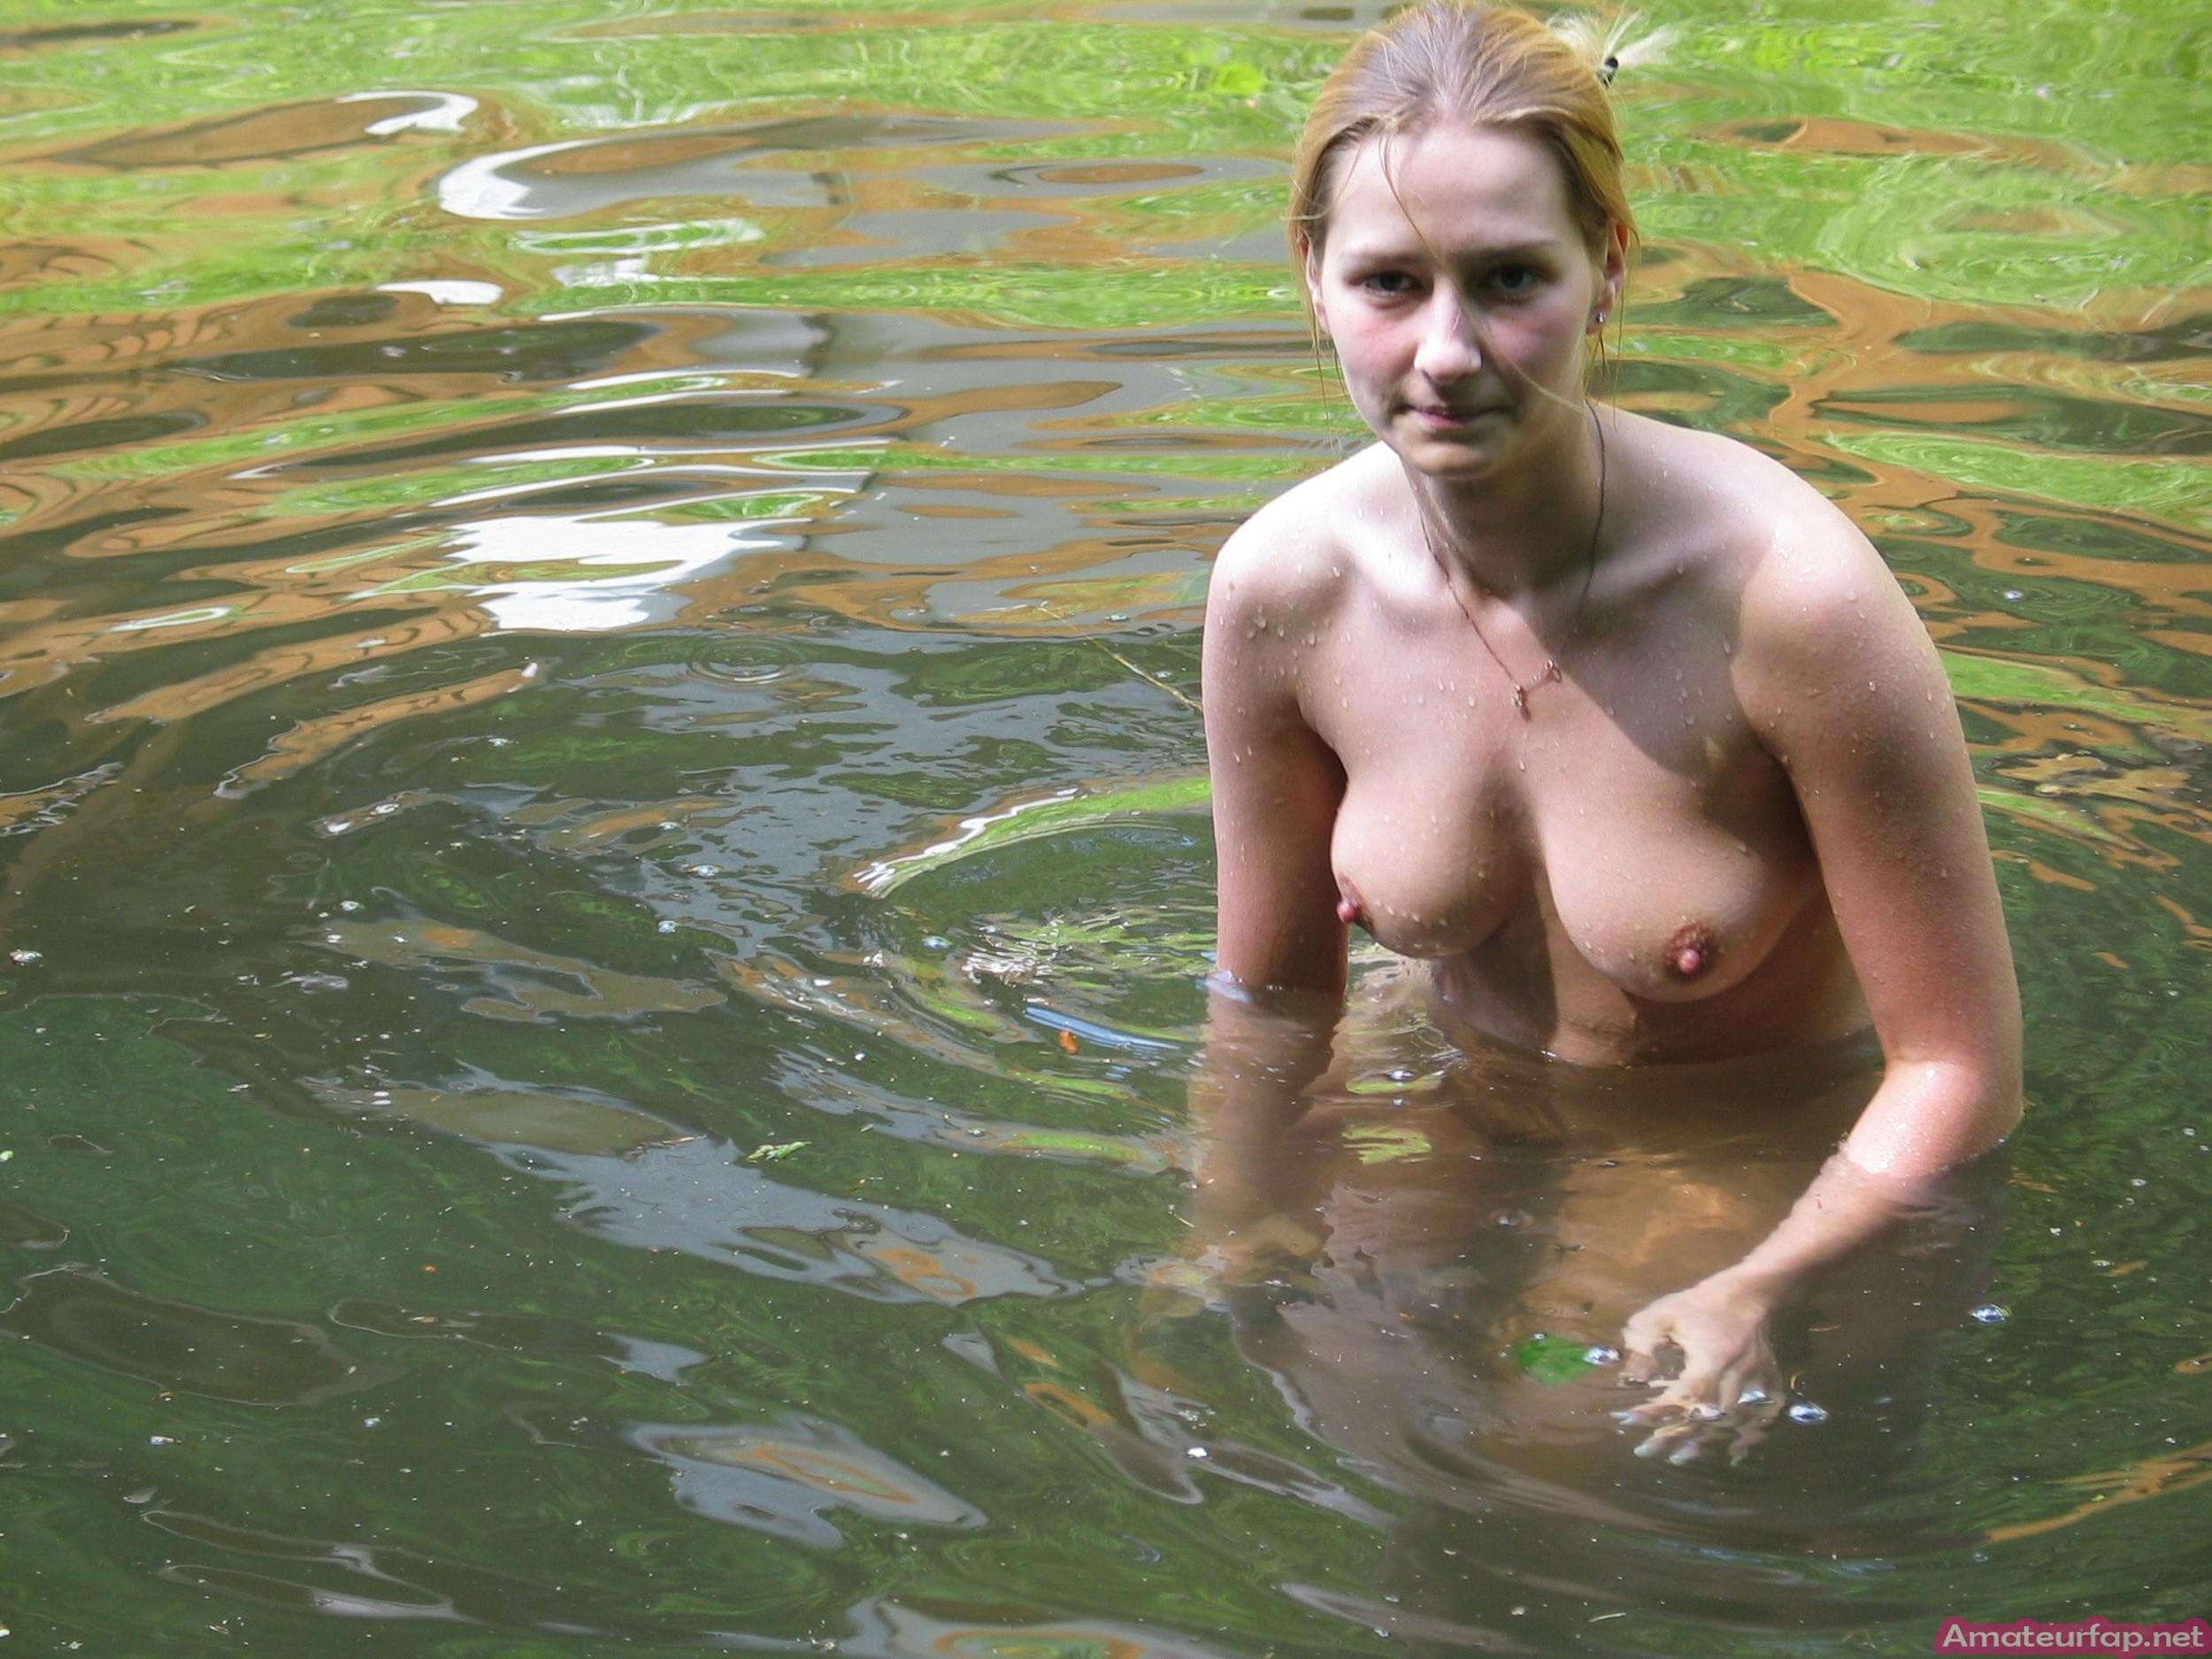 Блондинка плескается в озере голой